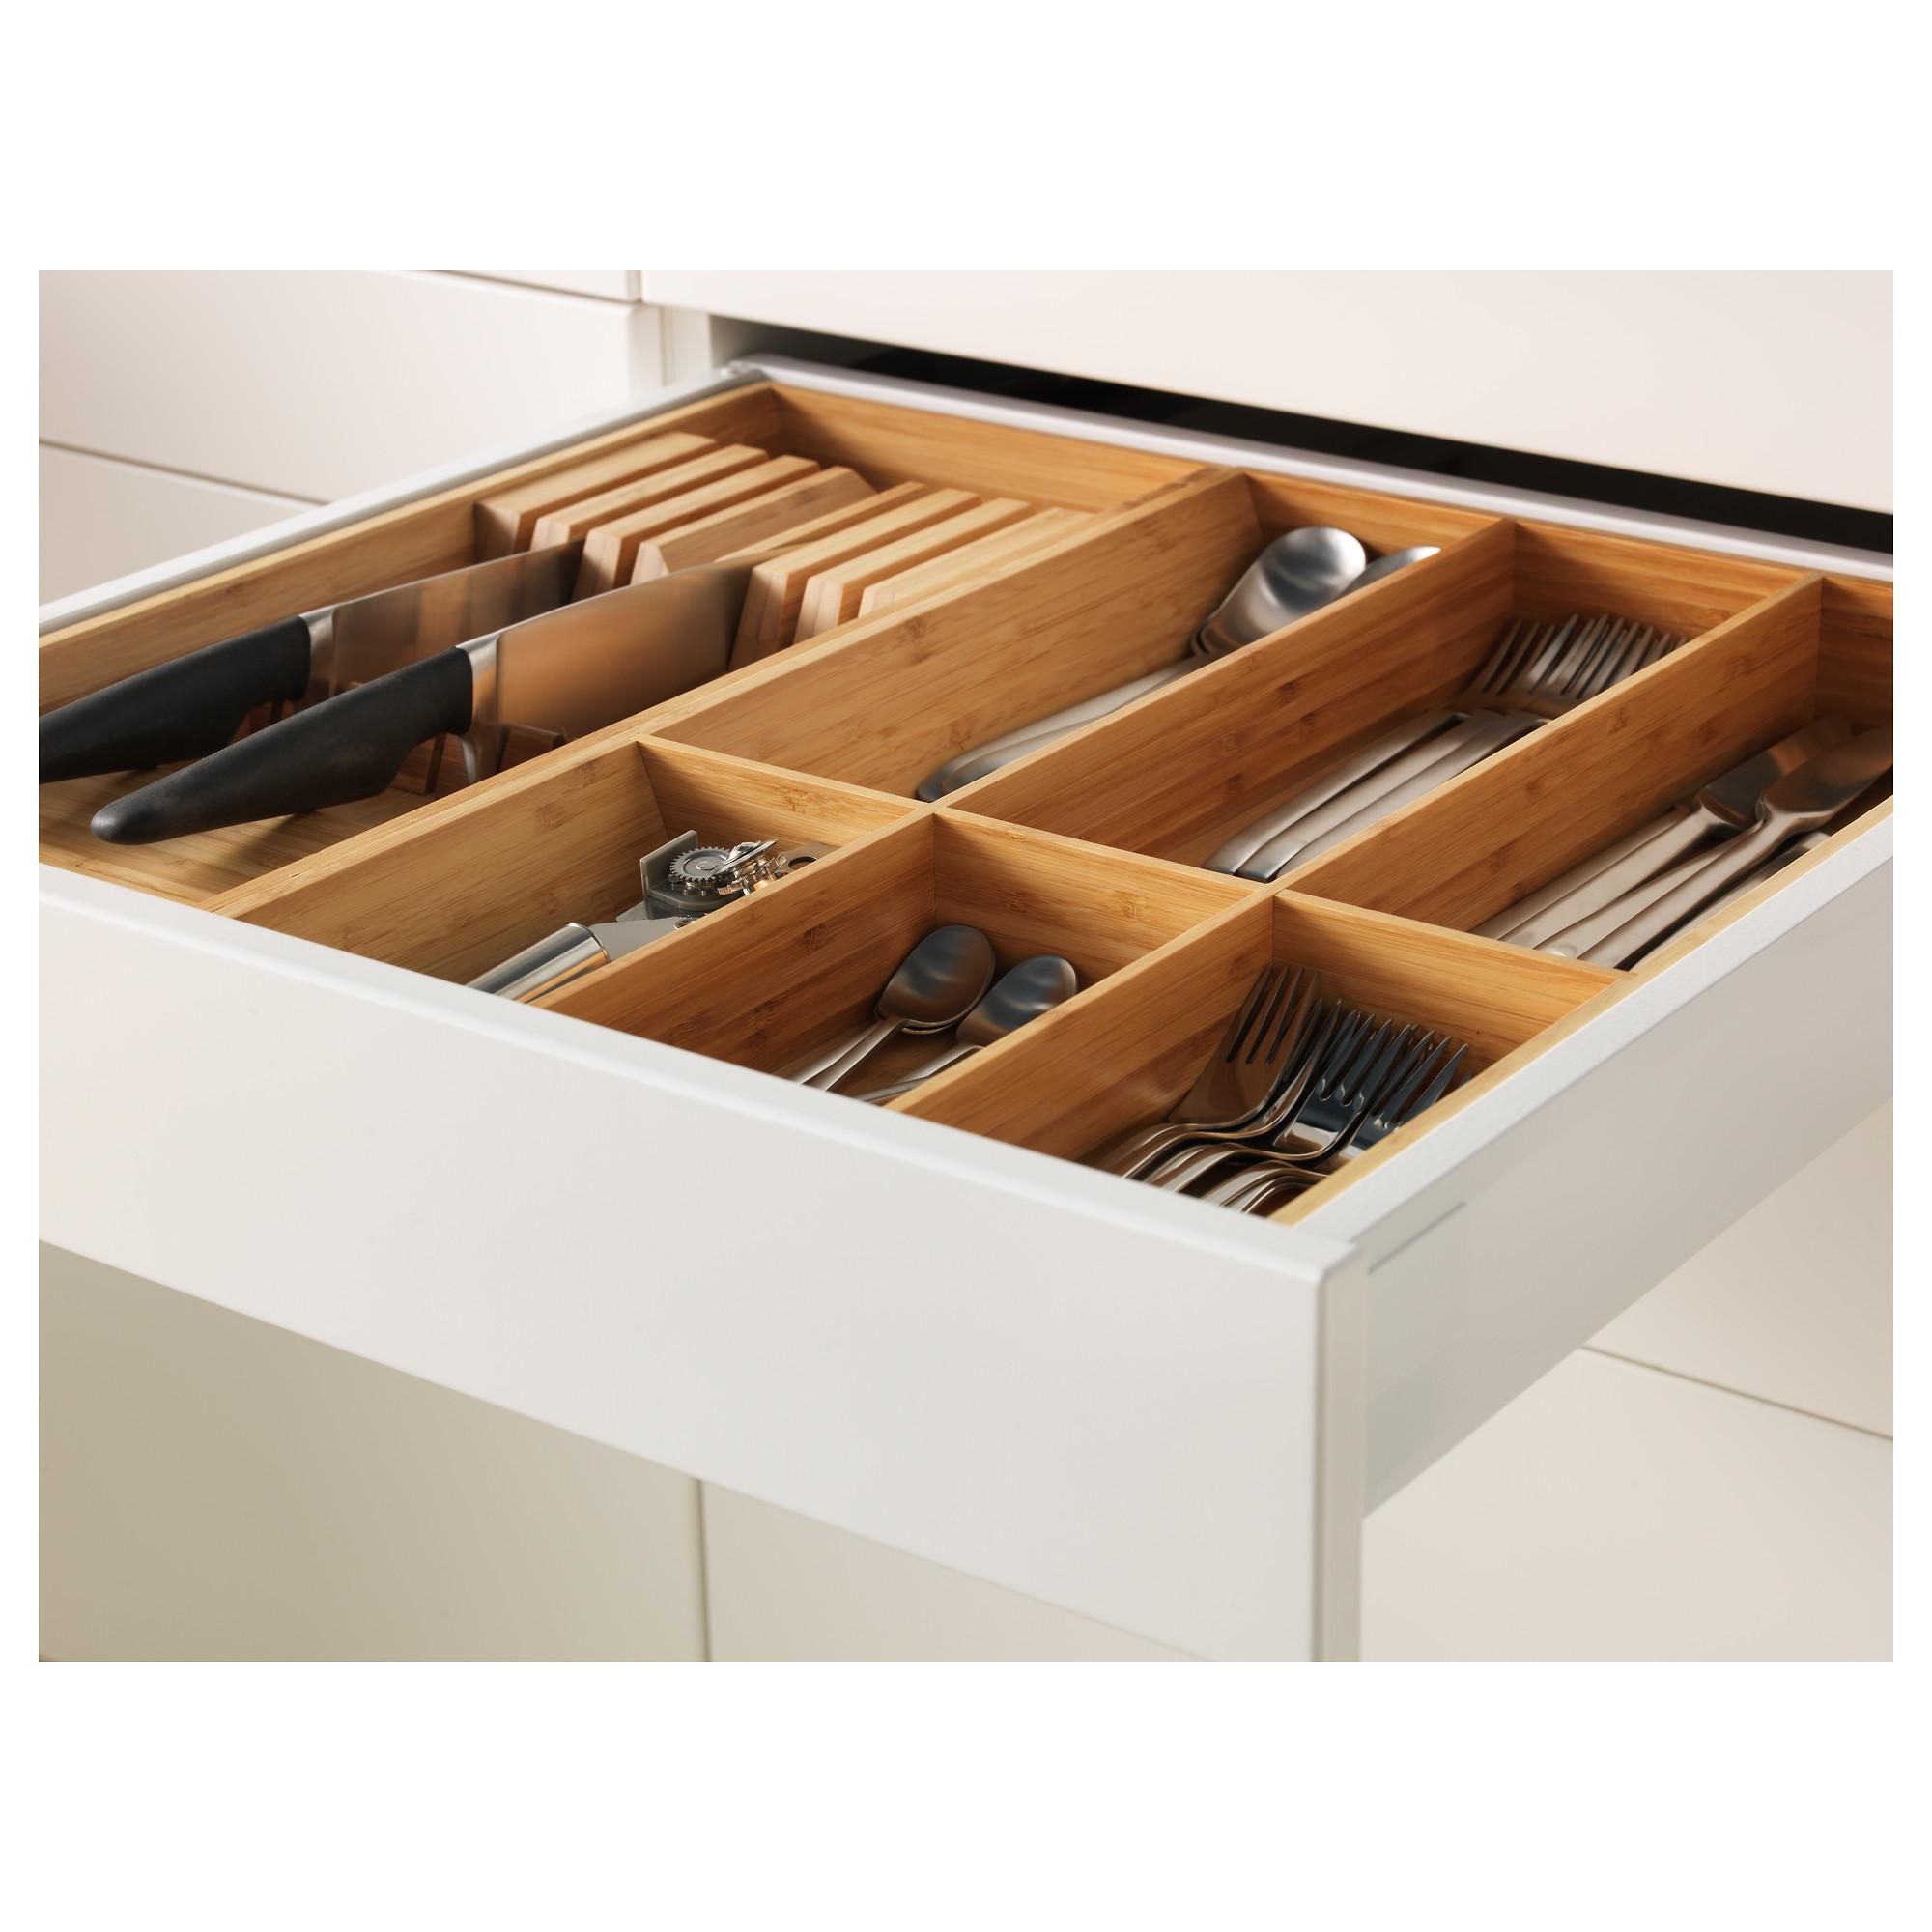 Высокий шкаф + полки, 5 ящиков, 2 дверцы, 2 фронтальных МЕТОД / МАКСИМЕРА черный артикуль № 992.357.02 в наличии. Интернет магазин IKEA Минск. Недорогая доставка и установка.